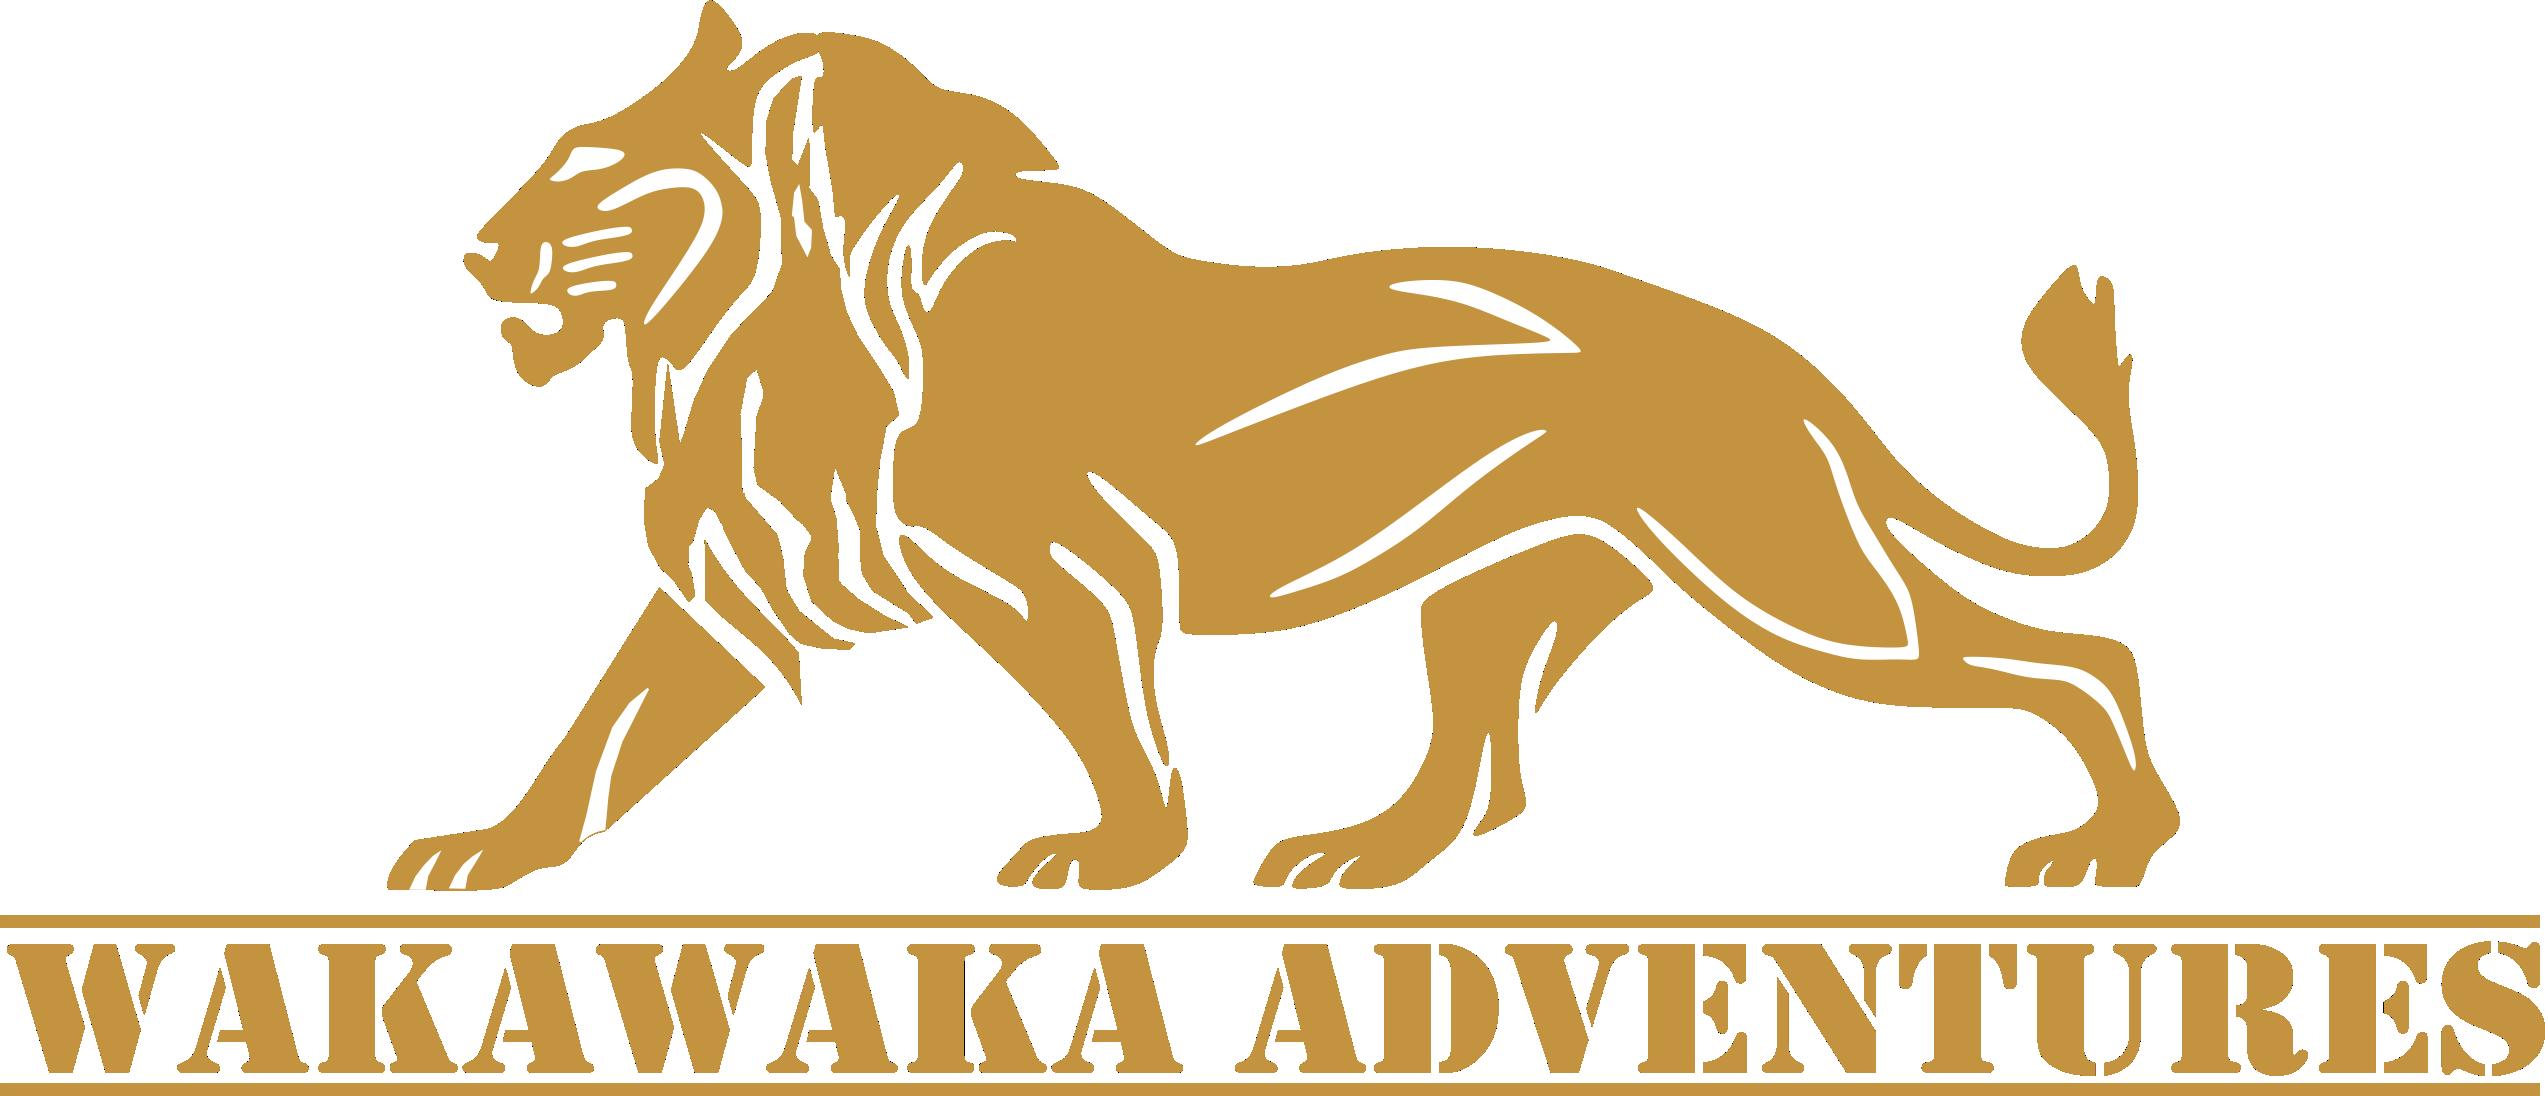 Wakawaka Adventures.png